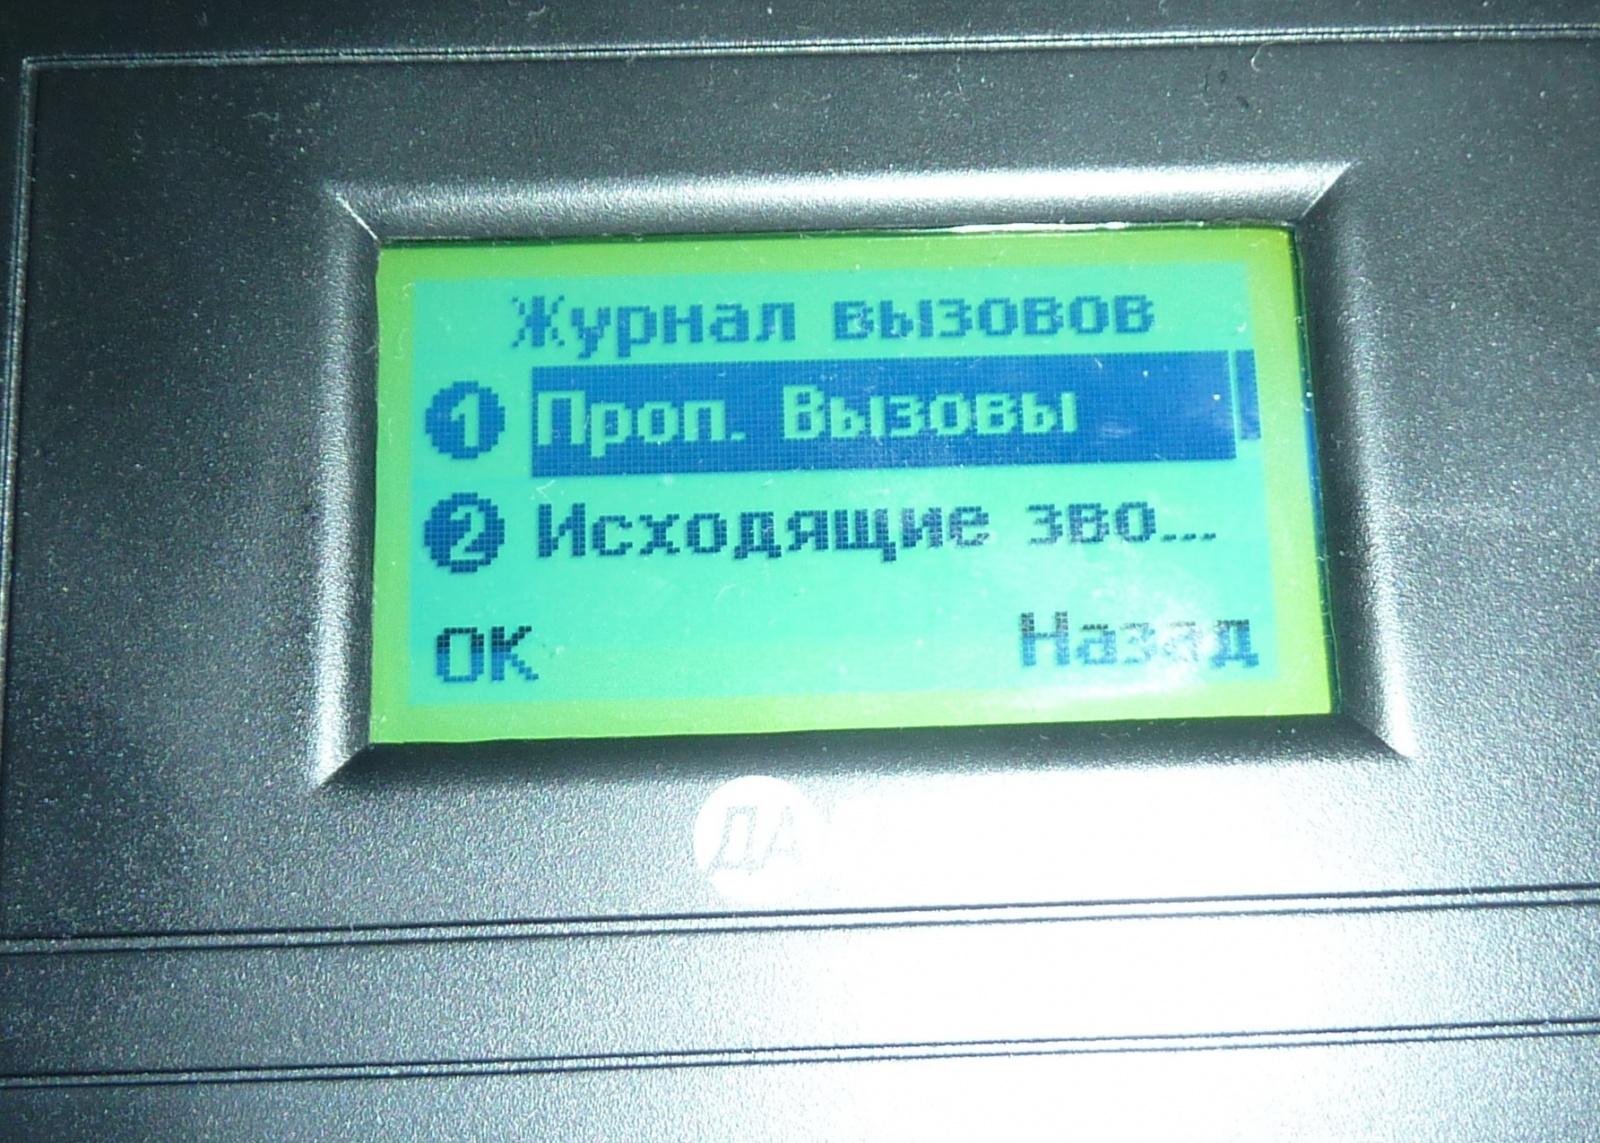 Стационарный сотовый телефон: связь без проблем - 16